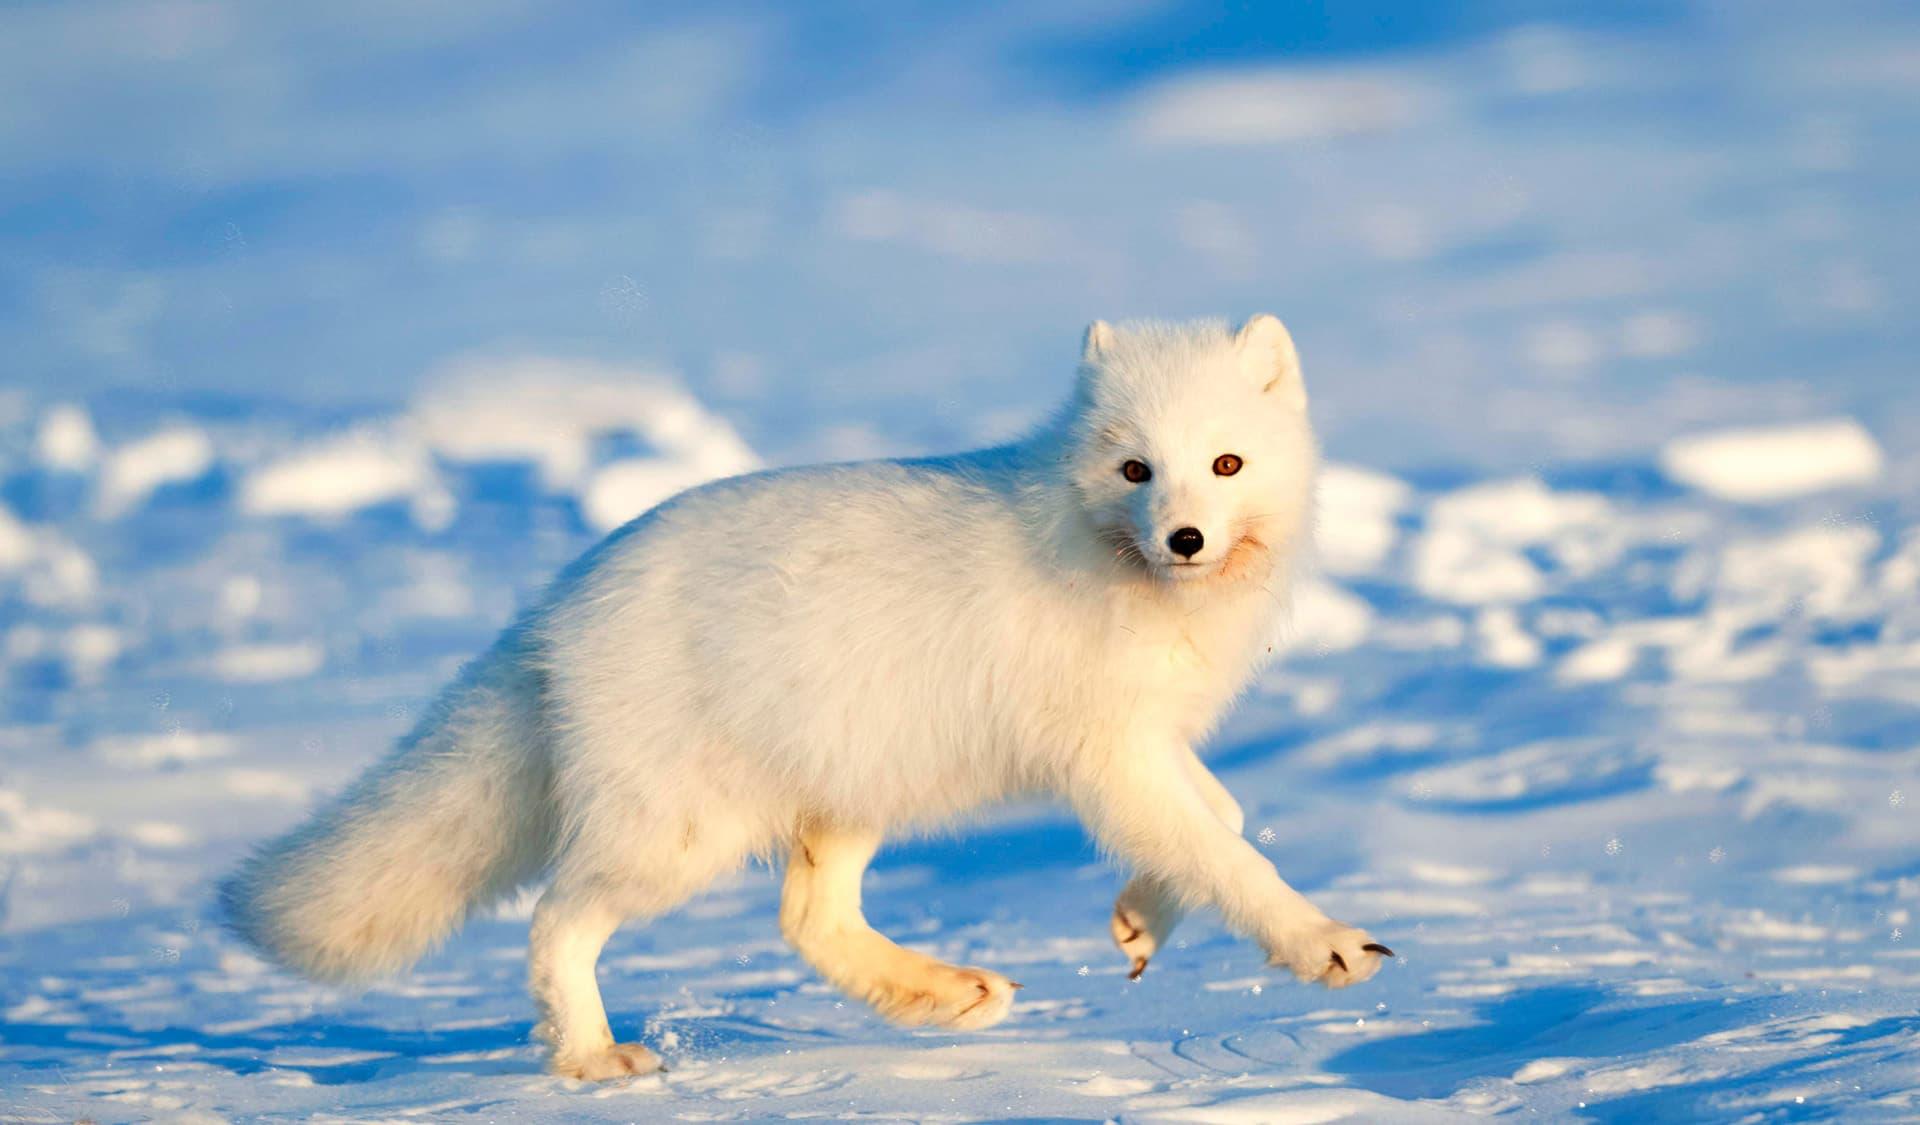 Polarfuchs in der Arktis